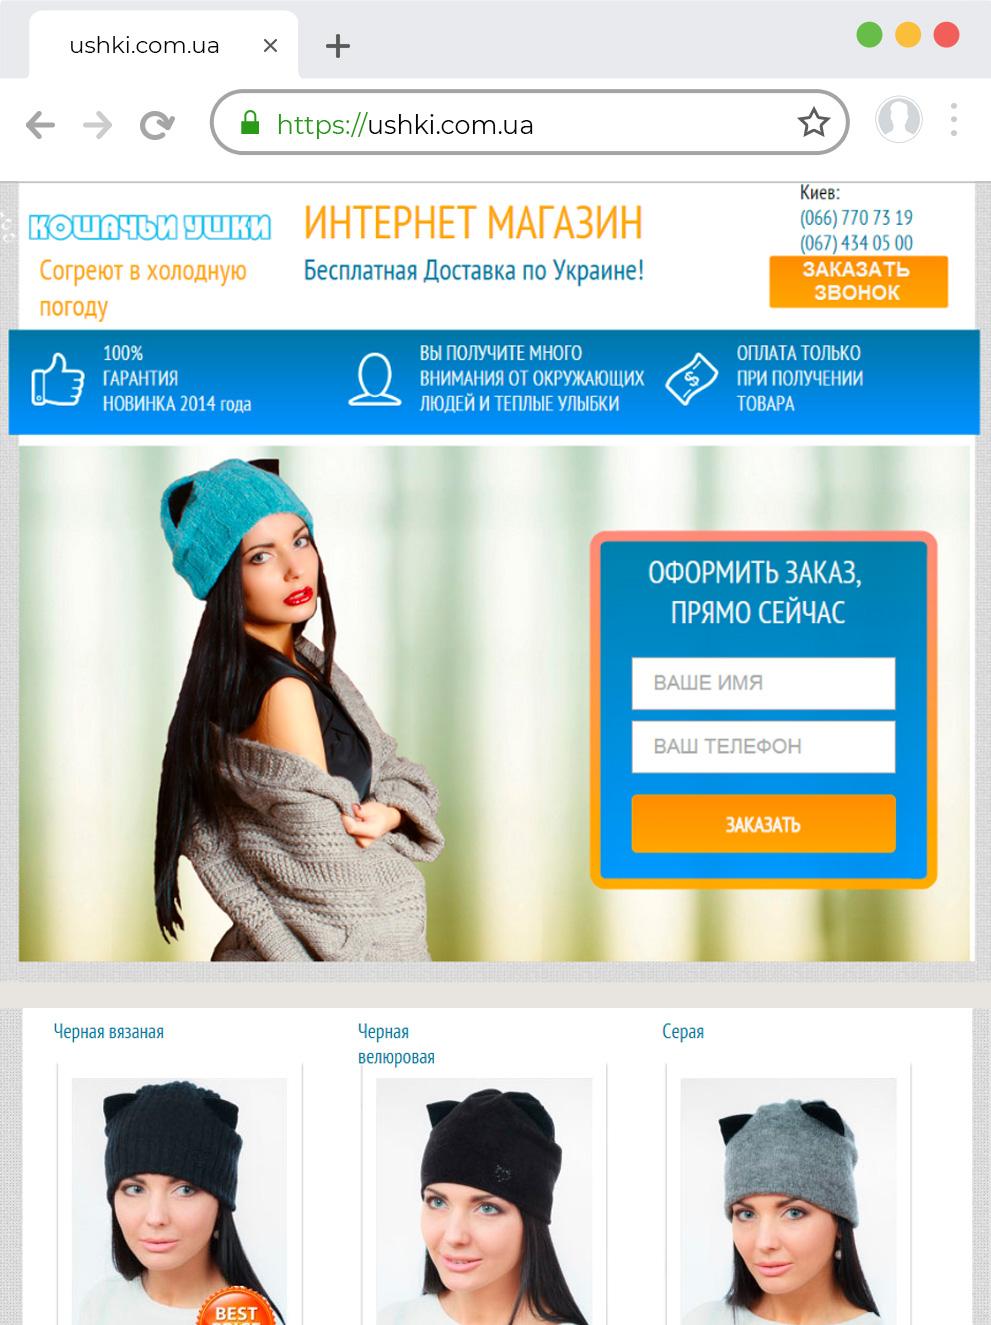 Разработка Landing Page по продаже женских шапочек